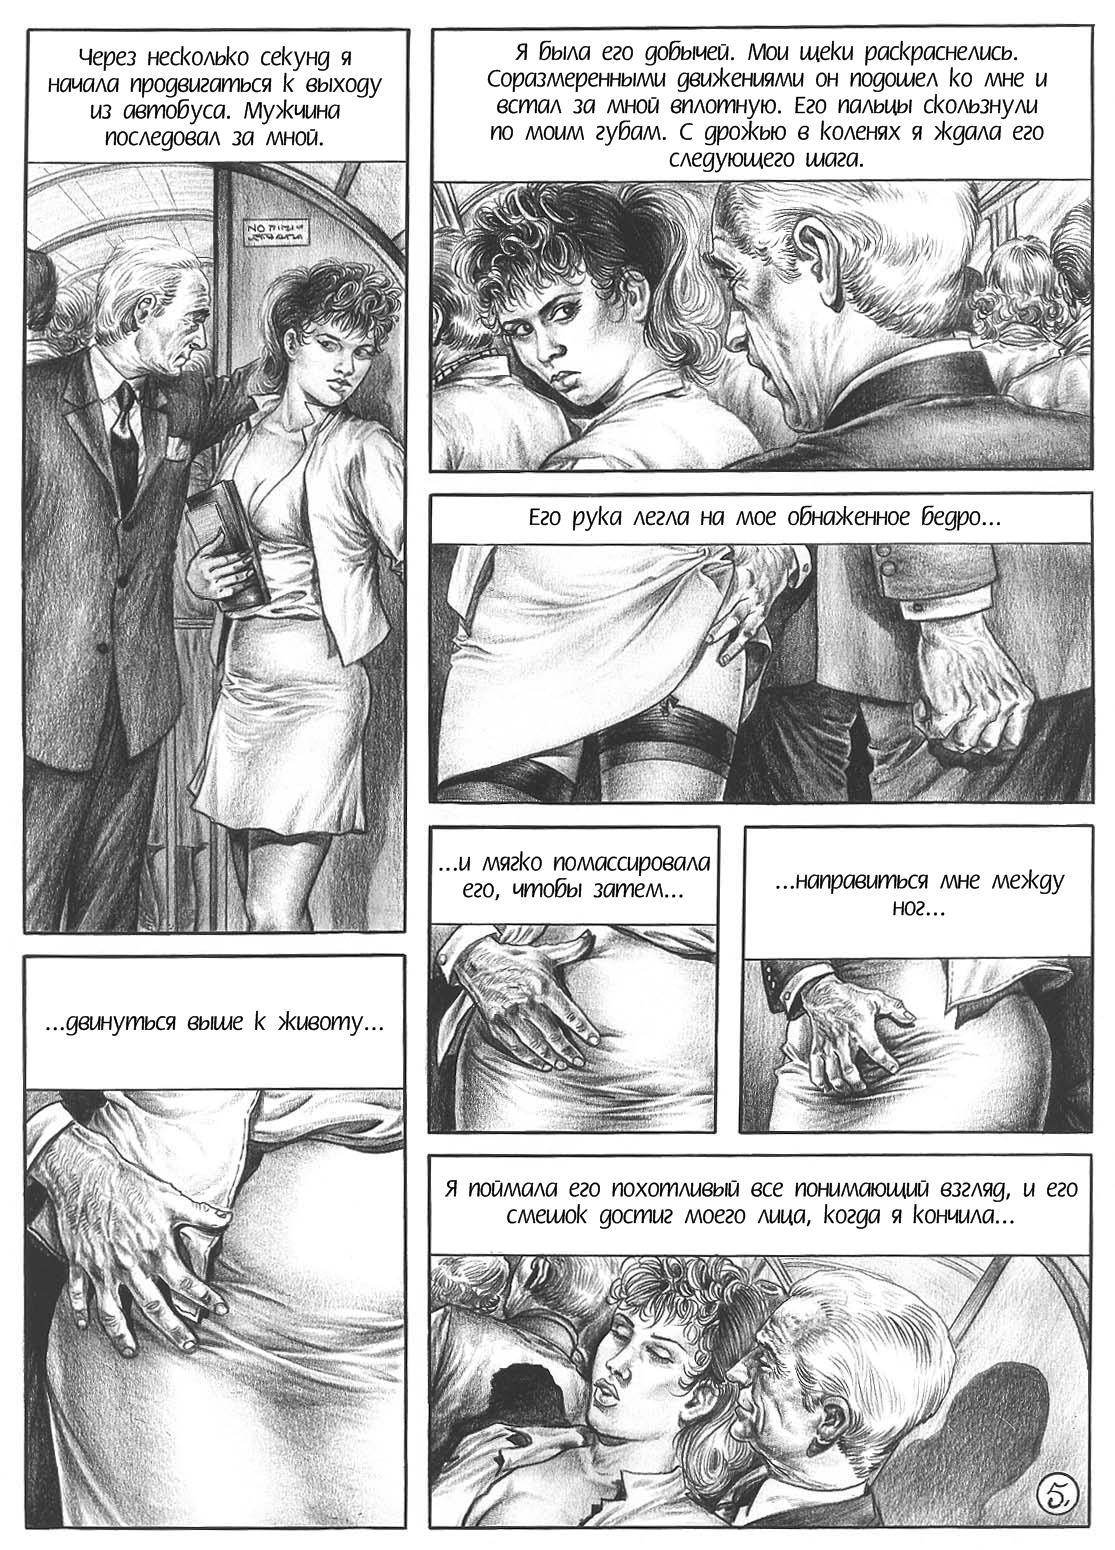 Секс история статья 23 фотография